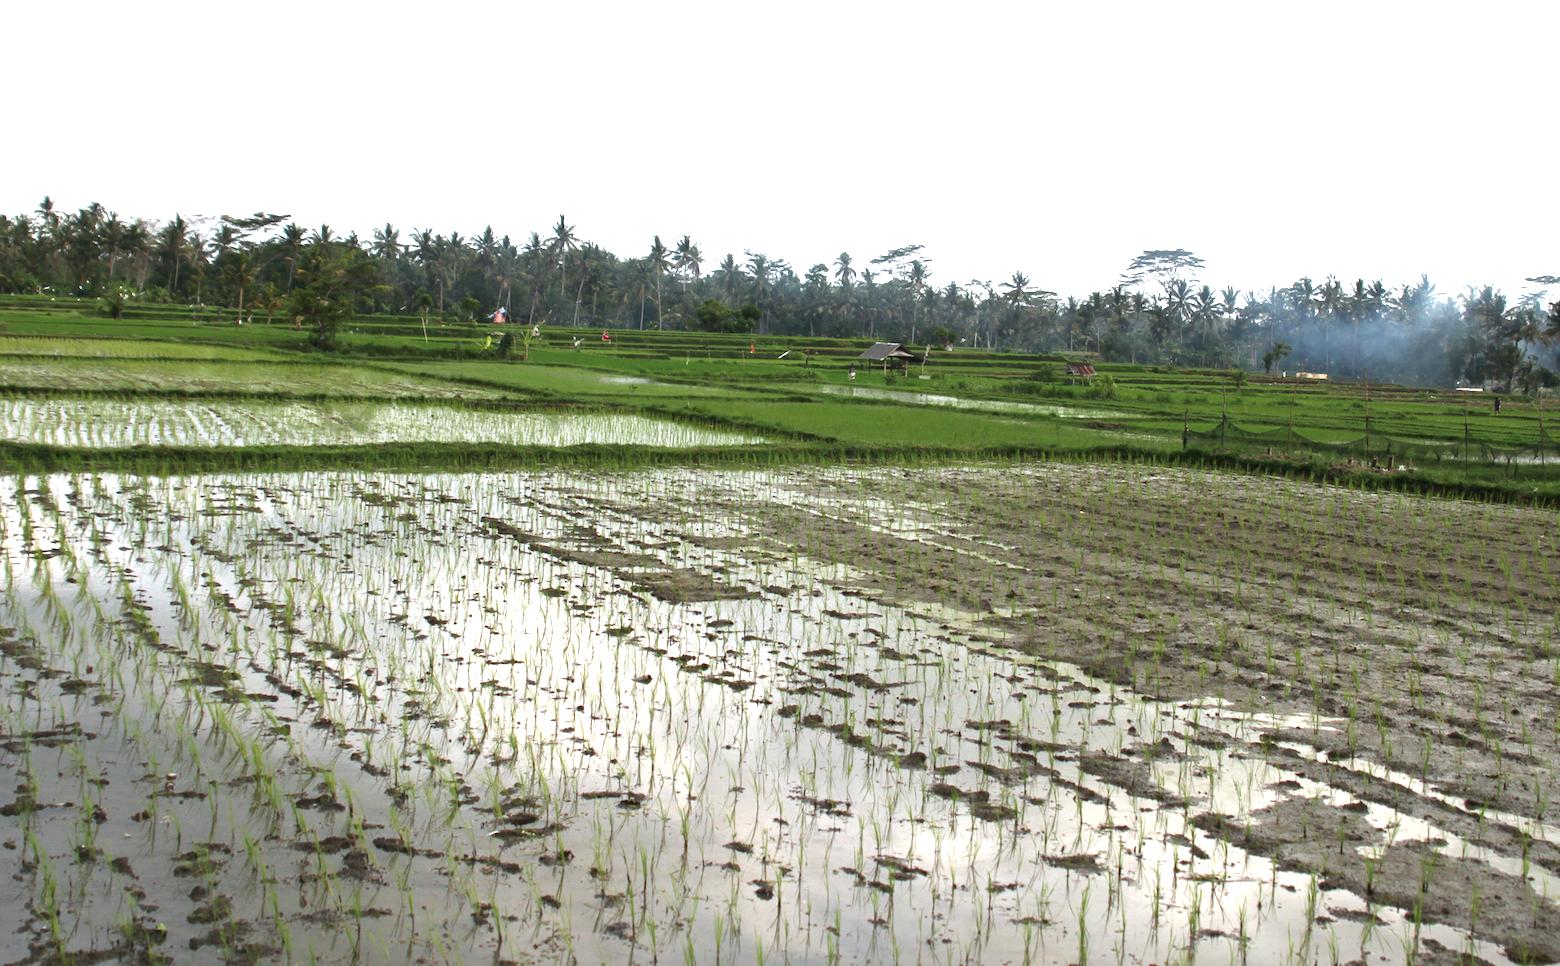 Avlingene høstes to ganger i året, og risen plantes i flere omganger, slik at ikke alt modnes på likt. Dermed oppstår de kjente fargenyansene på «lappeteppene».